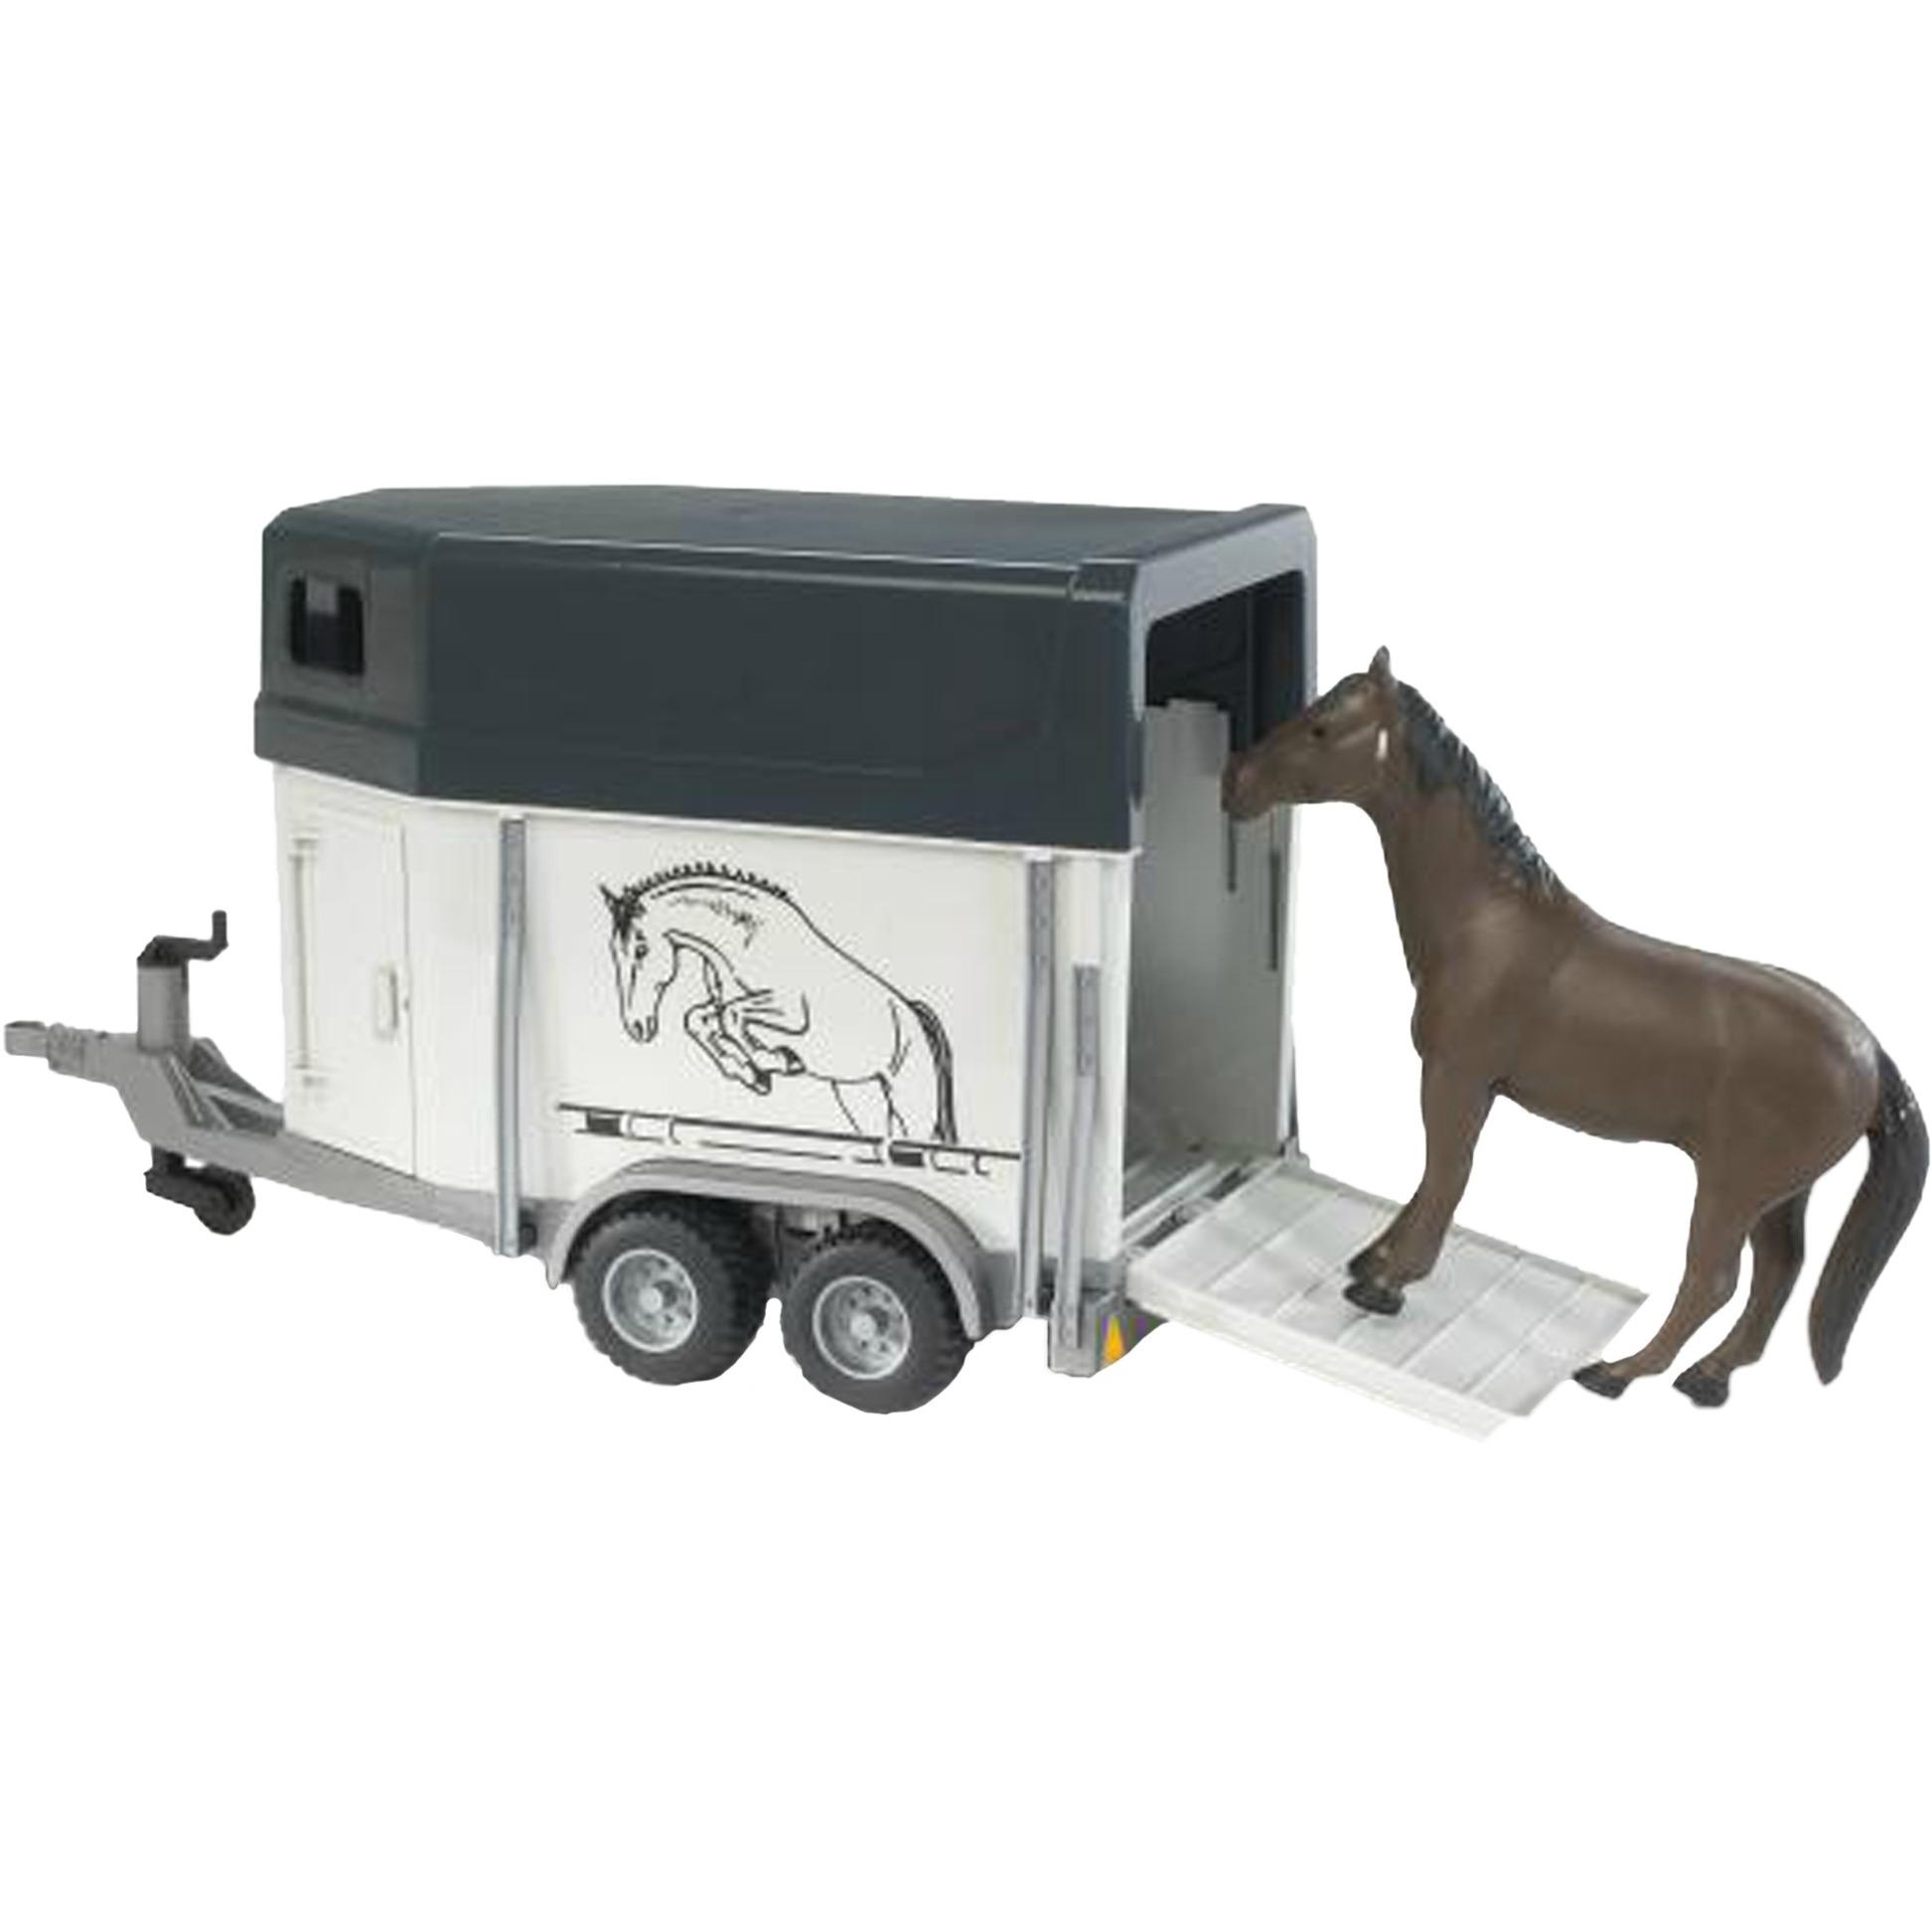 02028 Previamente montado Modelo a escala de camión/tráiler 1:16 modelo de vehículo de tierra, Automóvil de construcción